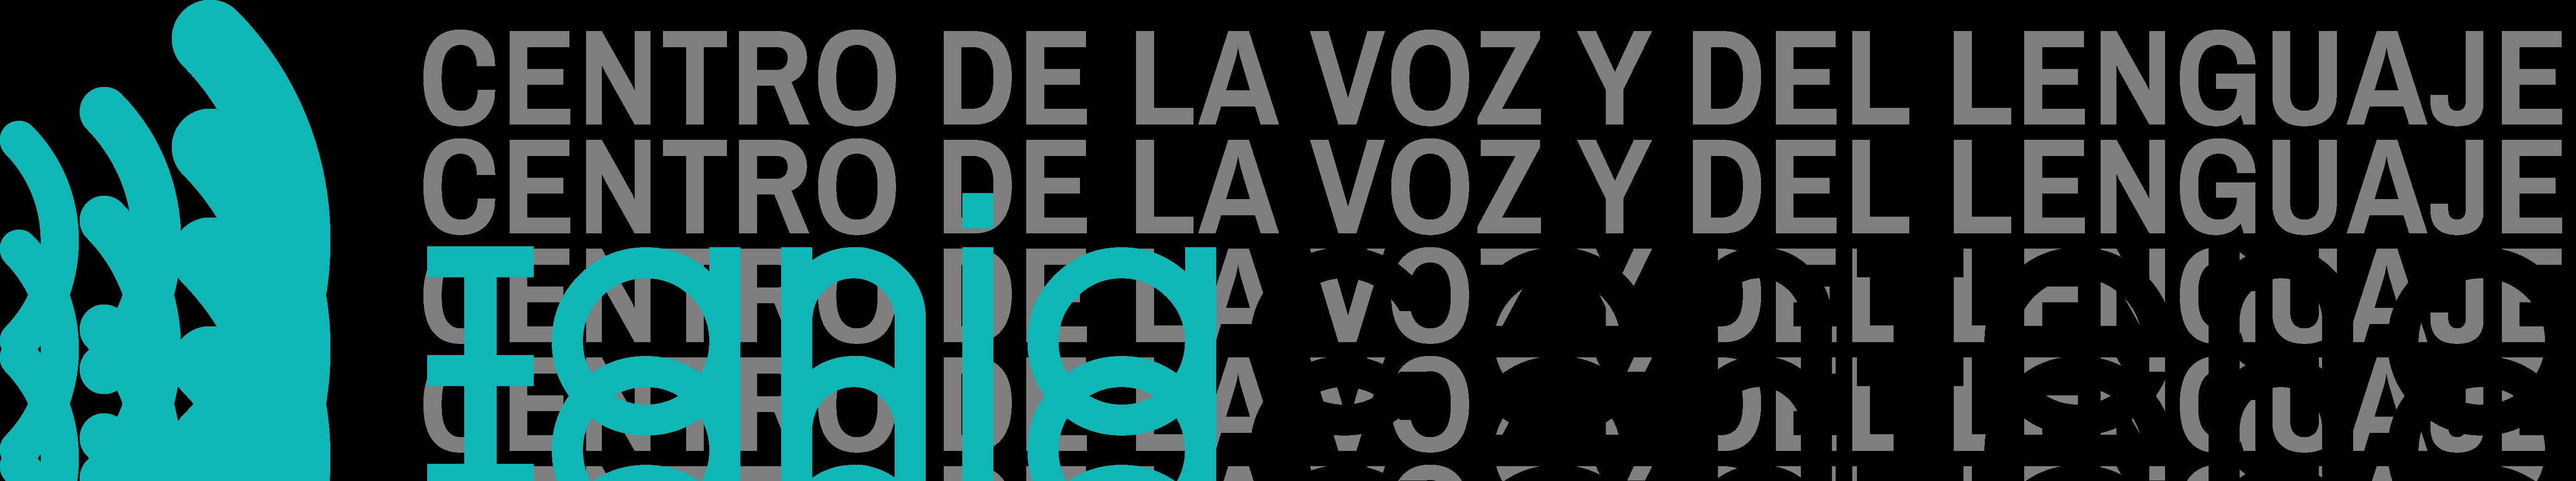 Centro de la voz y del lenguaje